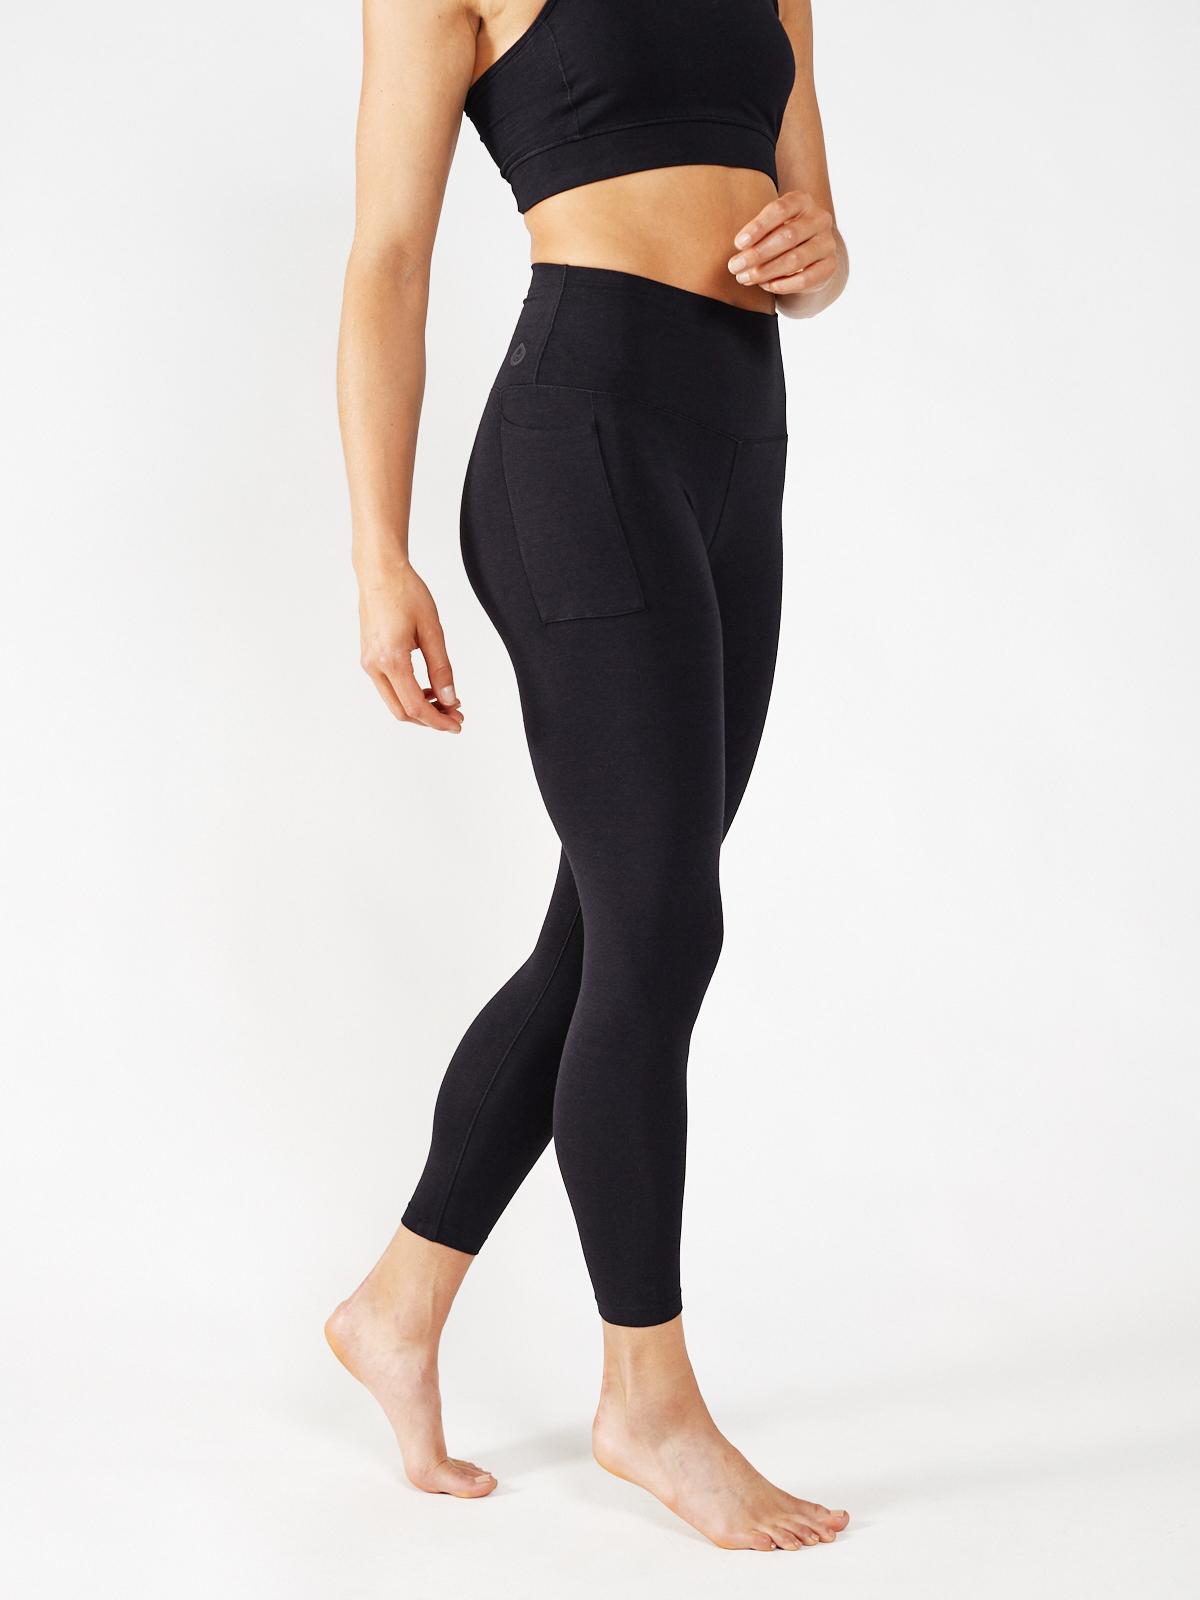 ALLways 7/8 Legging - tasc Performance (Black)